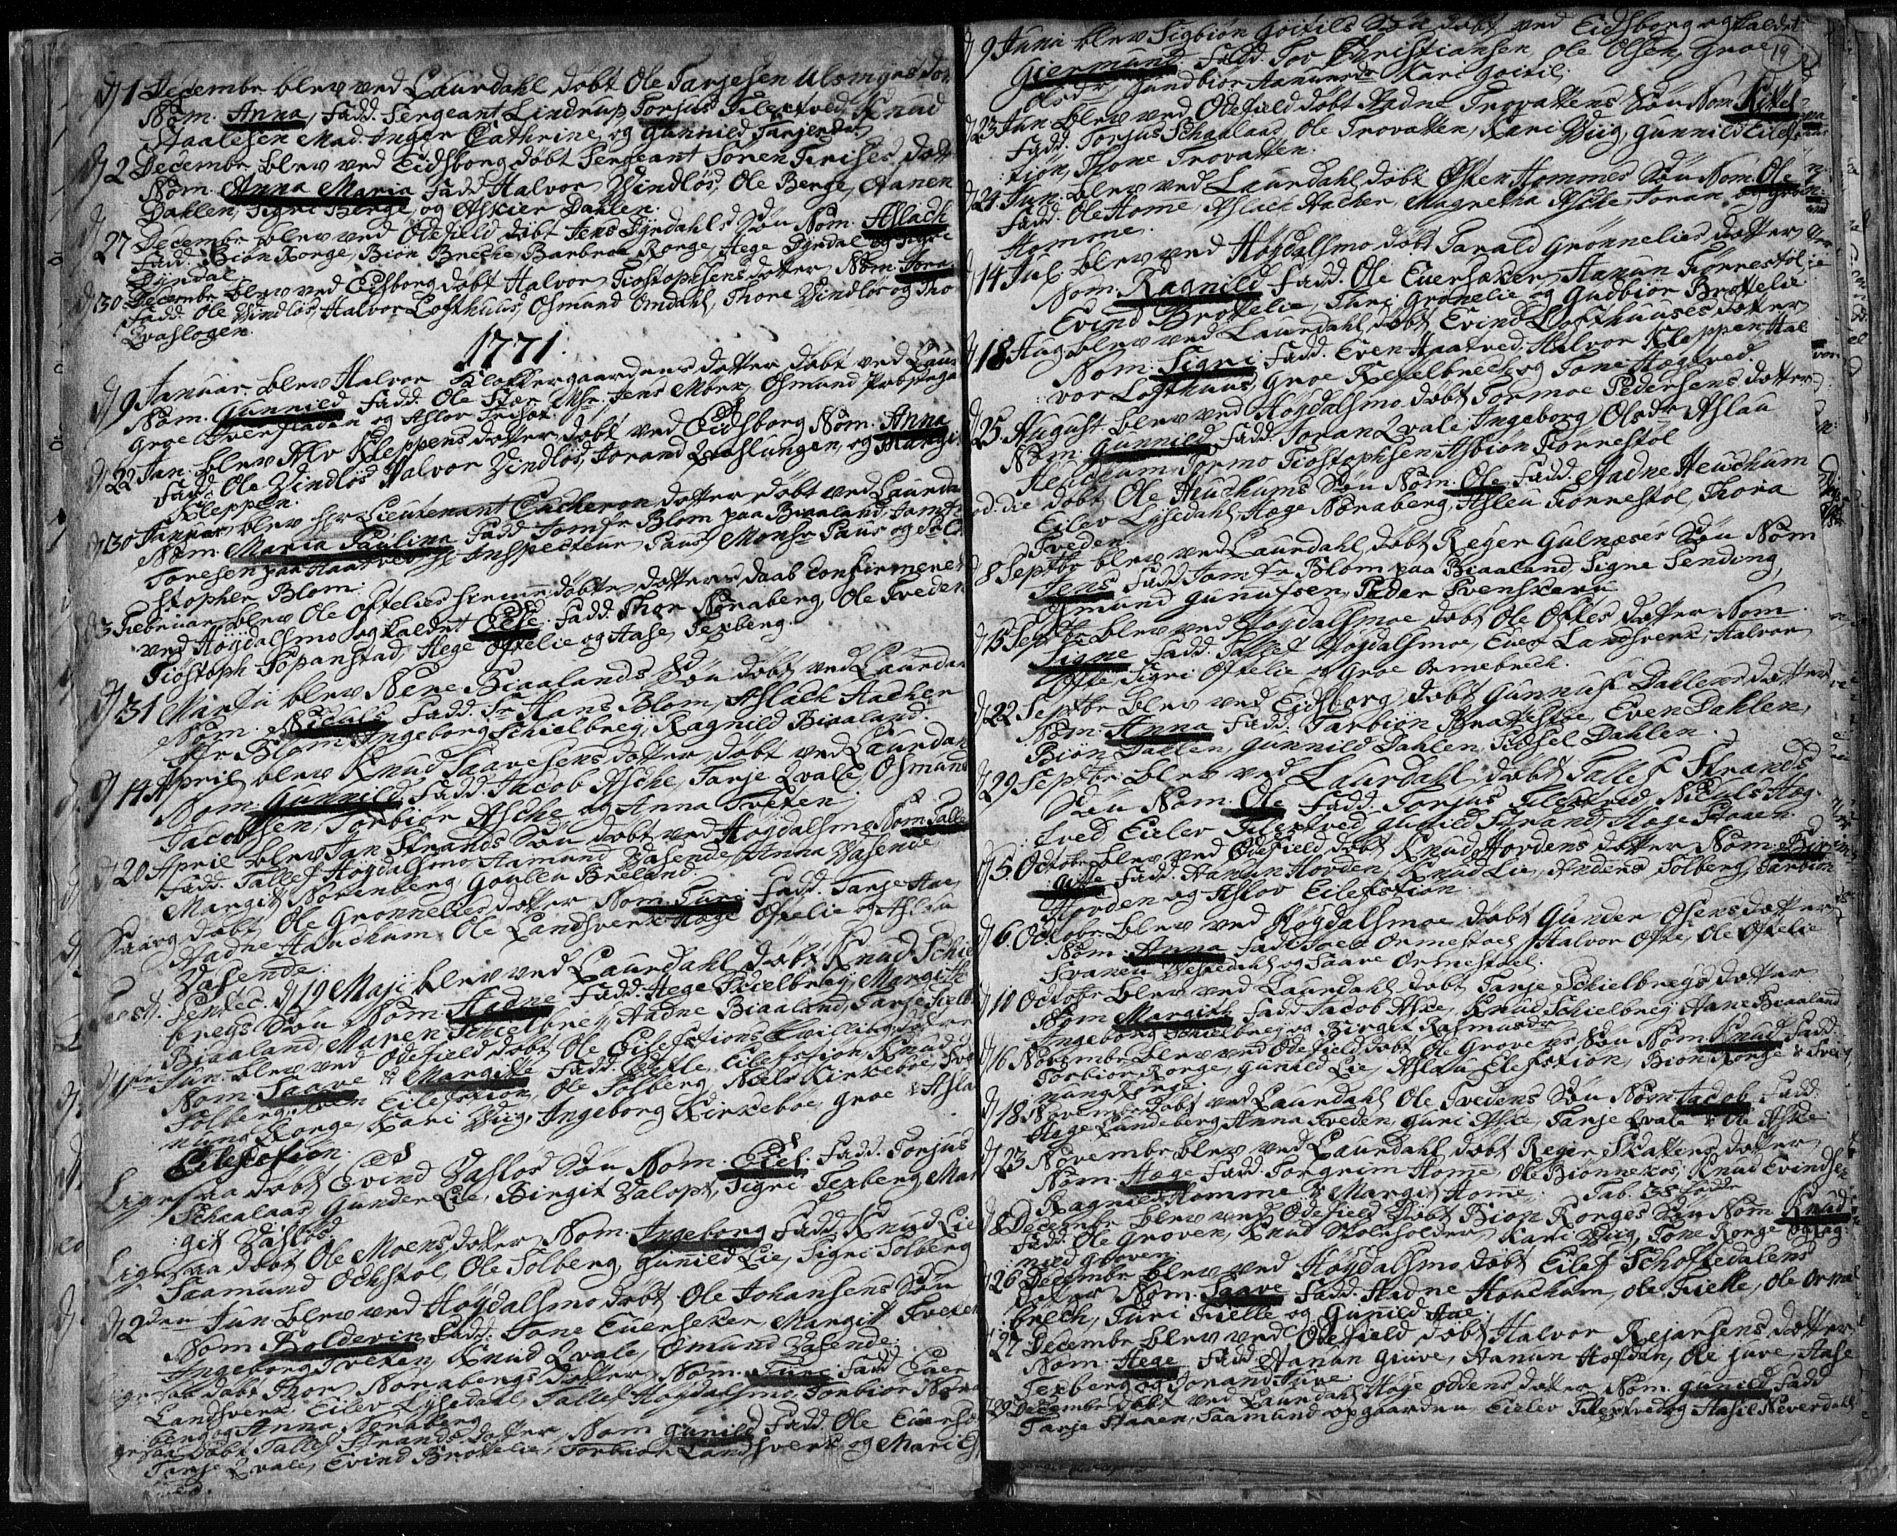 SAKO, Lårdal kirkebøker, F/Fa/L0003: Ministerialbok nr. I 3, 1754-1790, s. 19